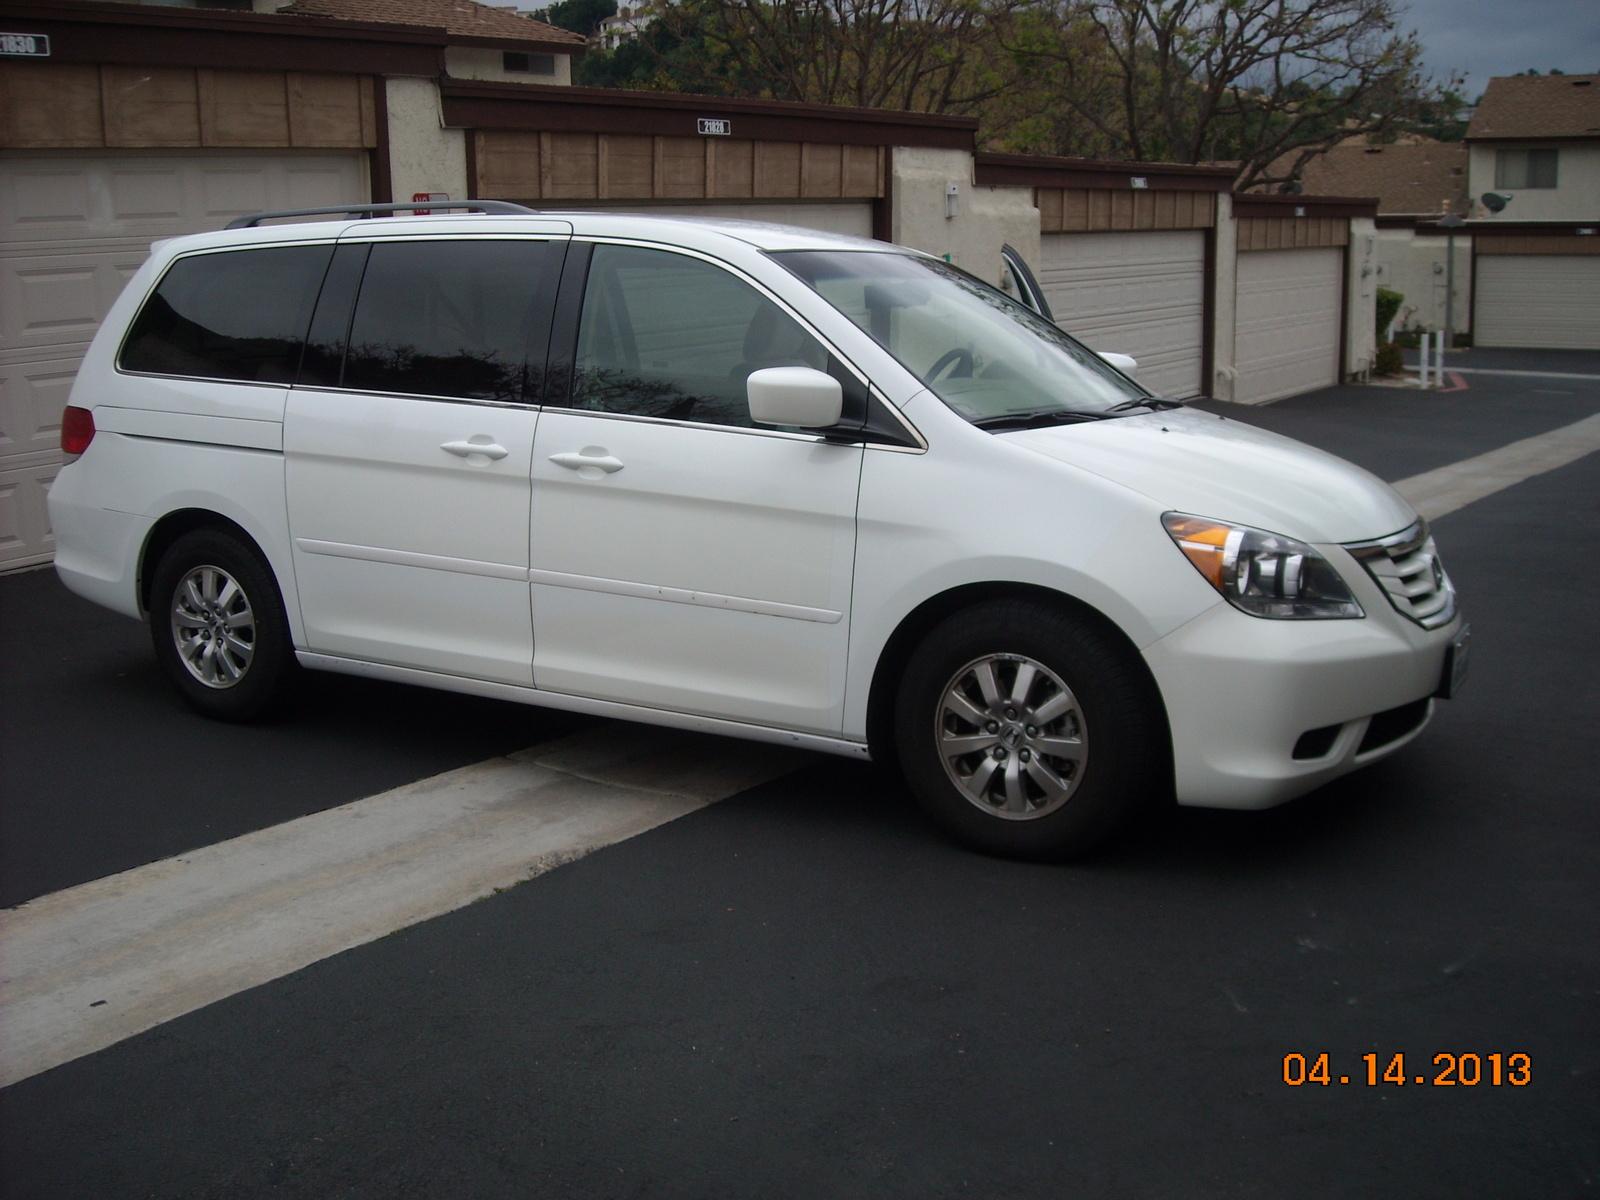 2009 Honda Odyssey - Pictures - CarGurus